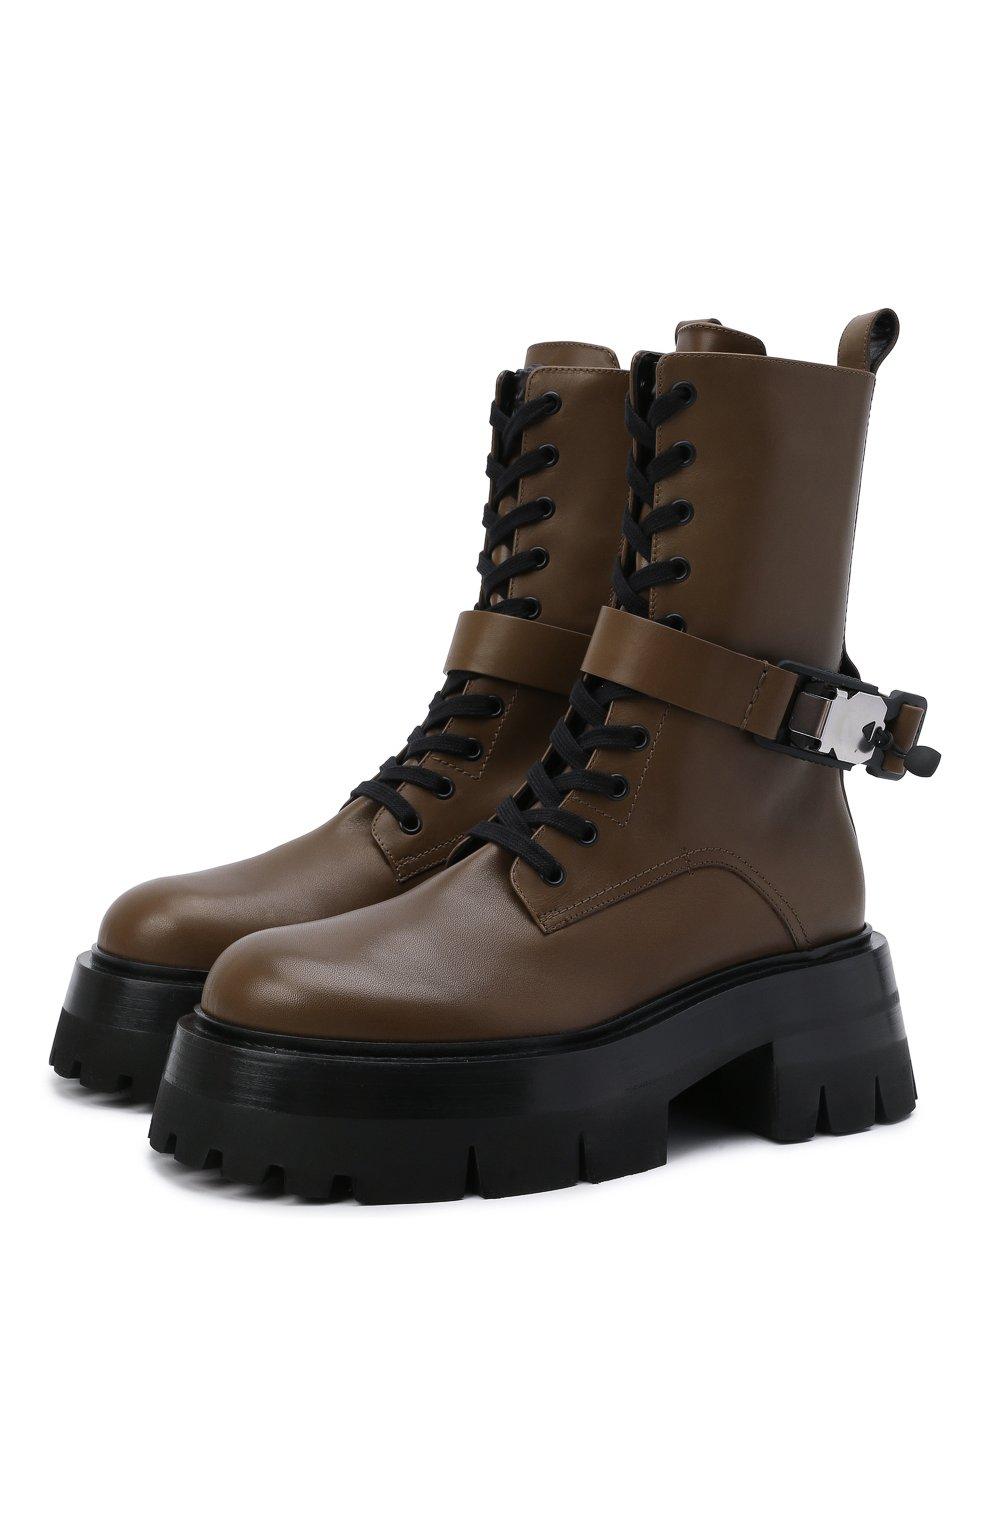 Женские кожаные ботинки VERSACE хаки цвета, арт. 1000822/1A00633 | Фото 1 (Подошва: Платформа; Материал внутренний: Натуральная кожа; Каблук высота: Средний; Женское Кросс-КТ: Байкеры-ботинки)